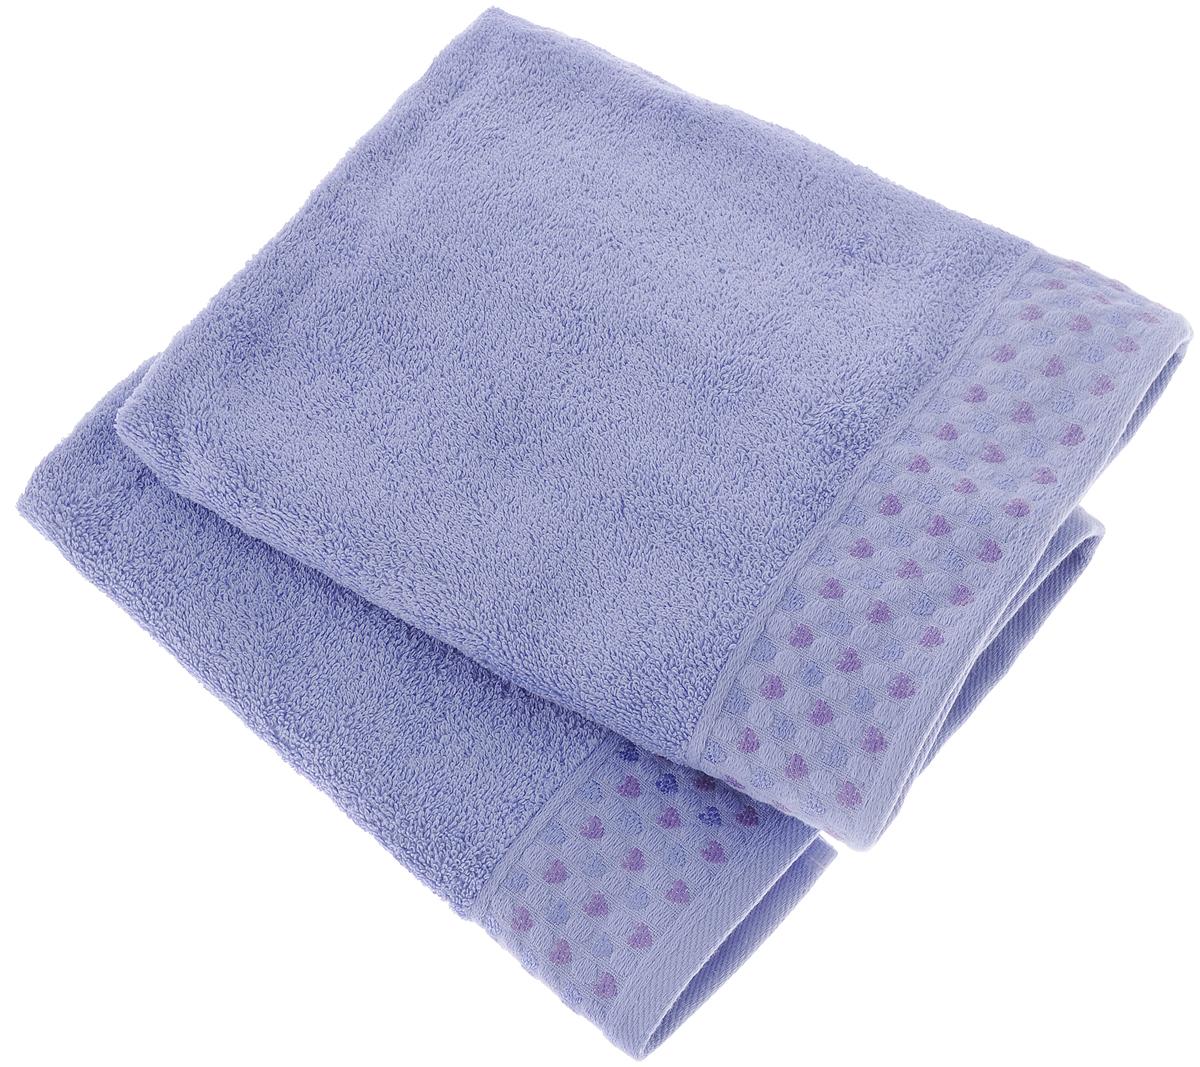 Набор полотенец Tete-a-Tete Сердечки, цвет: сирень, 50 х 90 см, 2 штУНП-007-05-2кНабор Tete-a-Tete Сердечки состоит из двух махровых полотенец, выполненных из натурального 100% хлопка. Бордюр полотенец декорирован рисунком сердечек. Изделия мягкие, отлично впитывают влагу, быстро сохнут, сохраняют яркость цвета и не теряют форму даже после многократных стирок. Полотенца Tete-a-Tete Сердечки очень практичны и неприхотливы в уходе. Они легко впишутся в любой интерьер благодаря своей нежной цветовой гамме. Набор упакован в красивую коробку и может послужить отличной идеей подарка.Размер полотенец: 50 х 90 см.